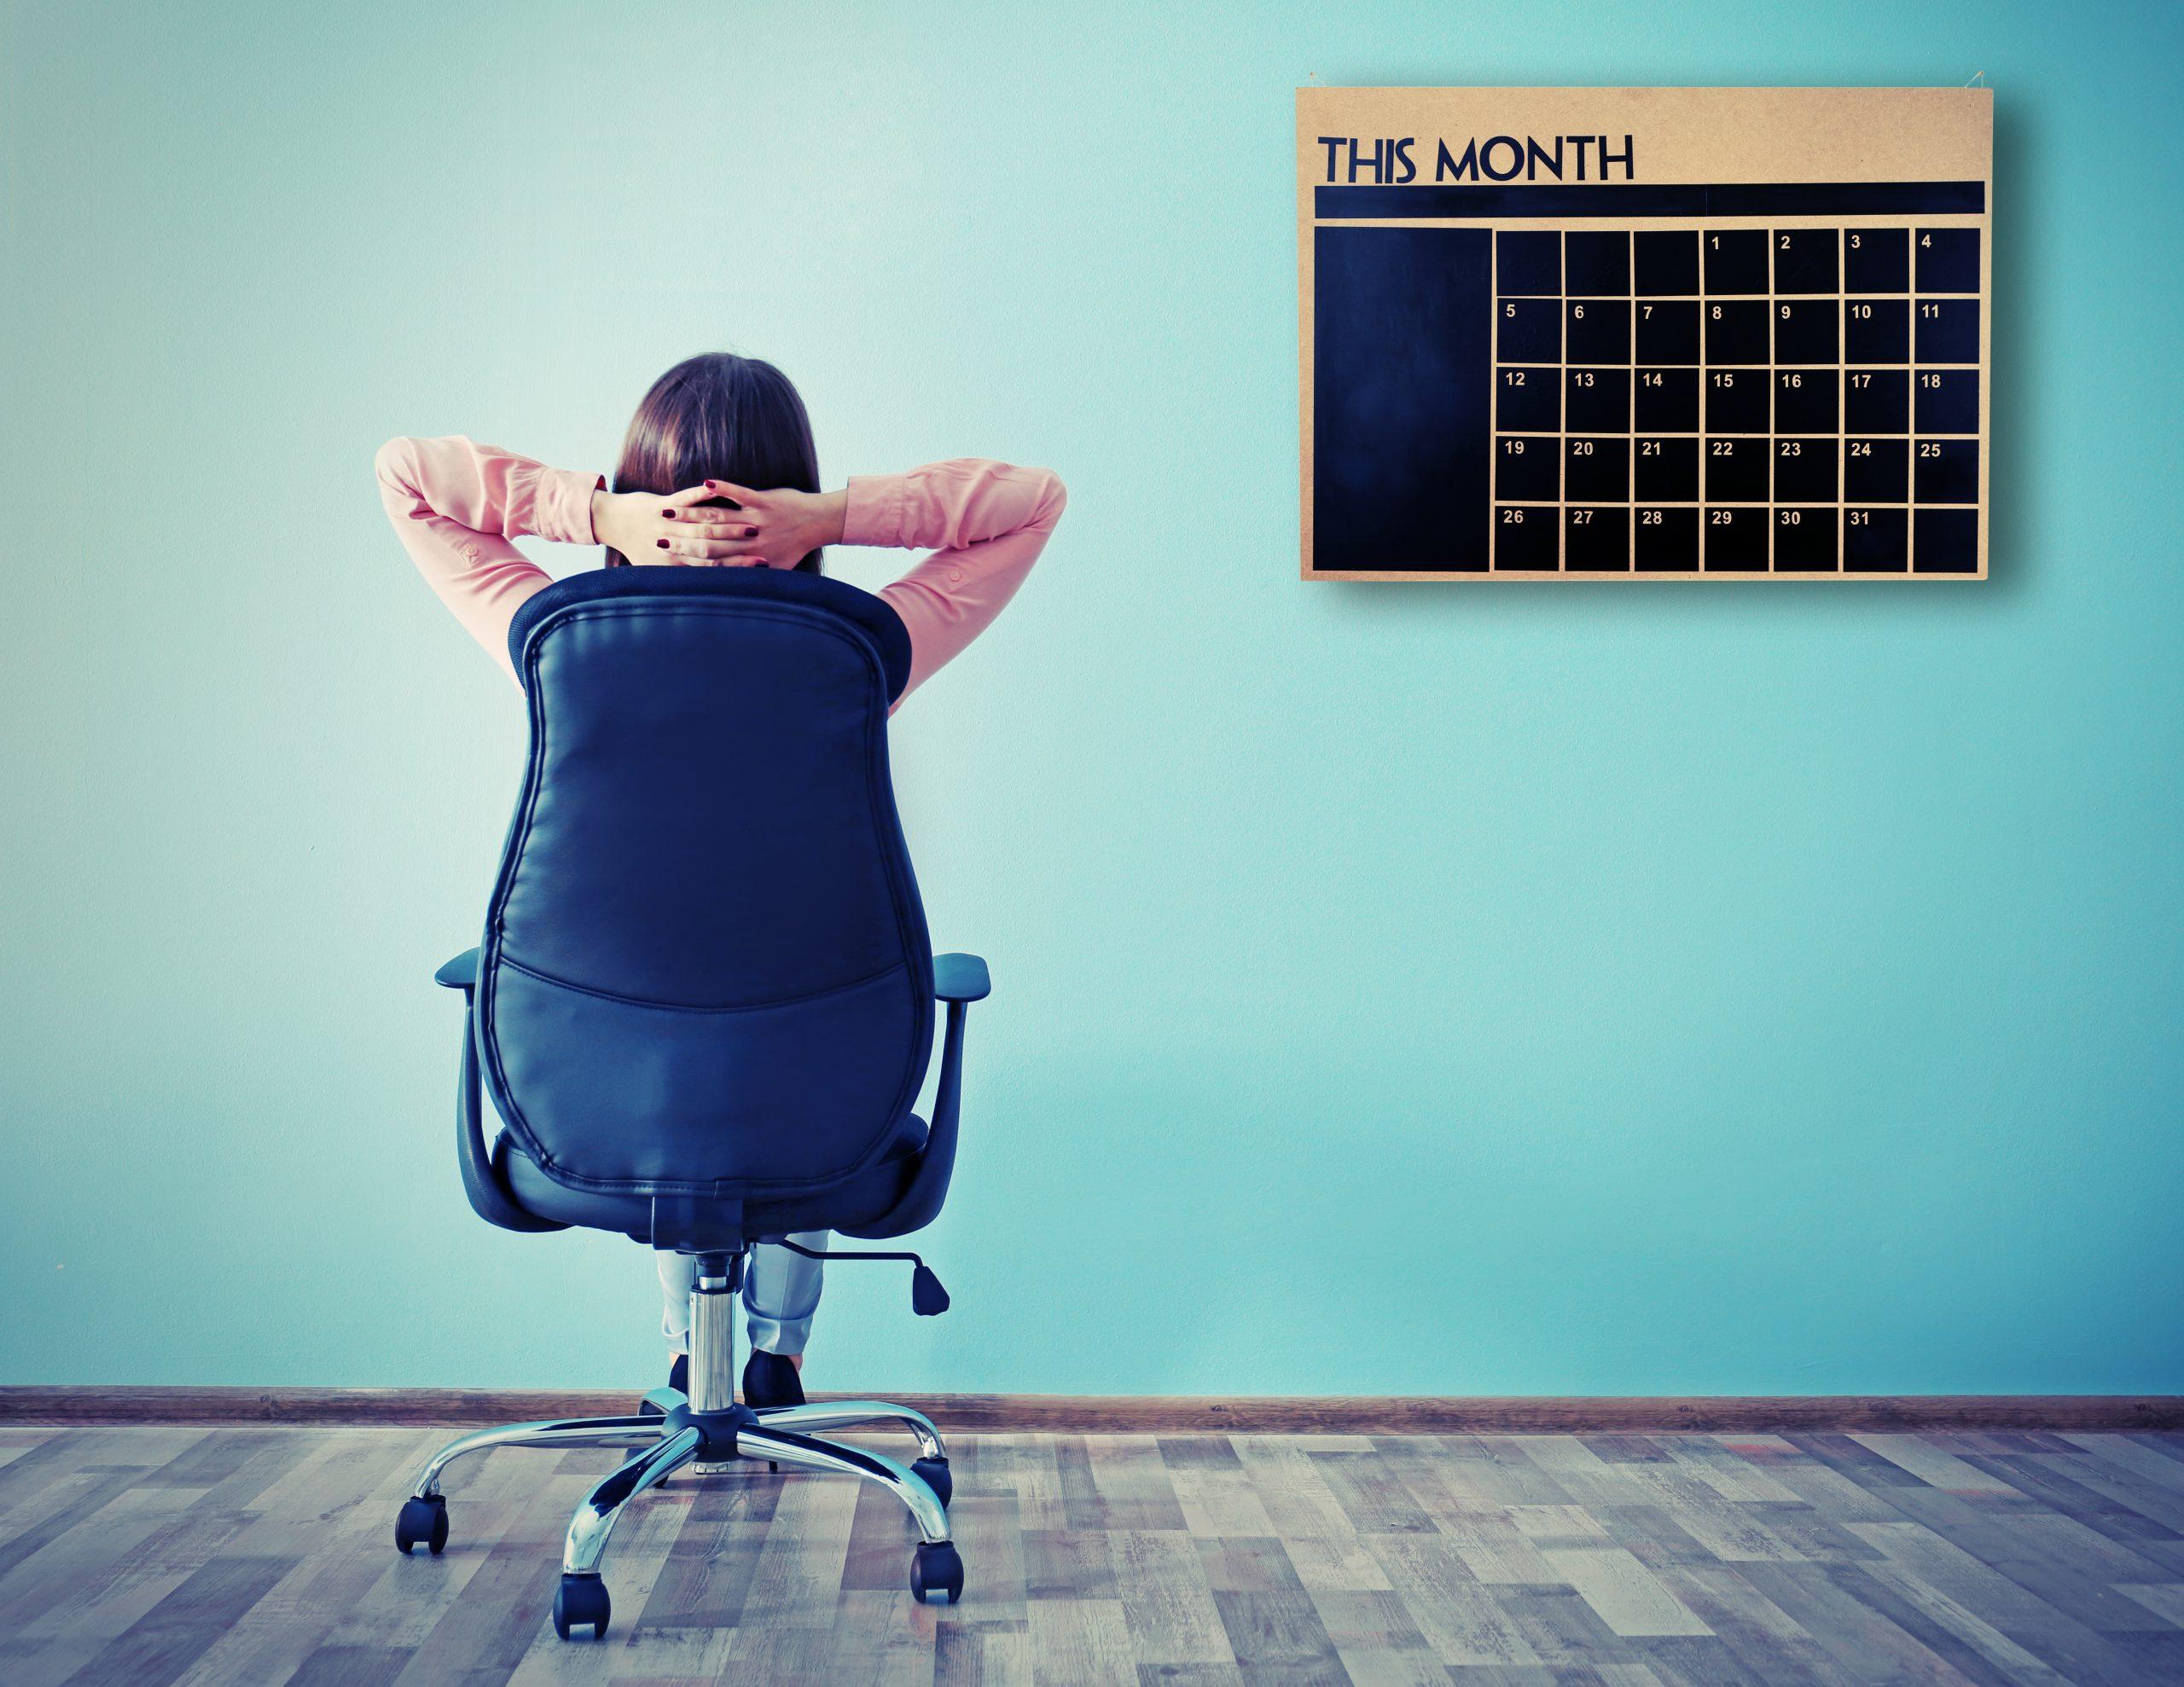 De voordelen van een hoge bureaustoel